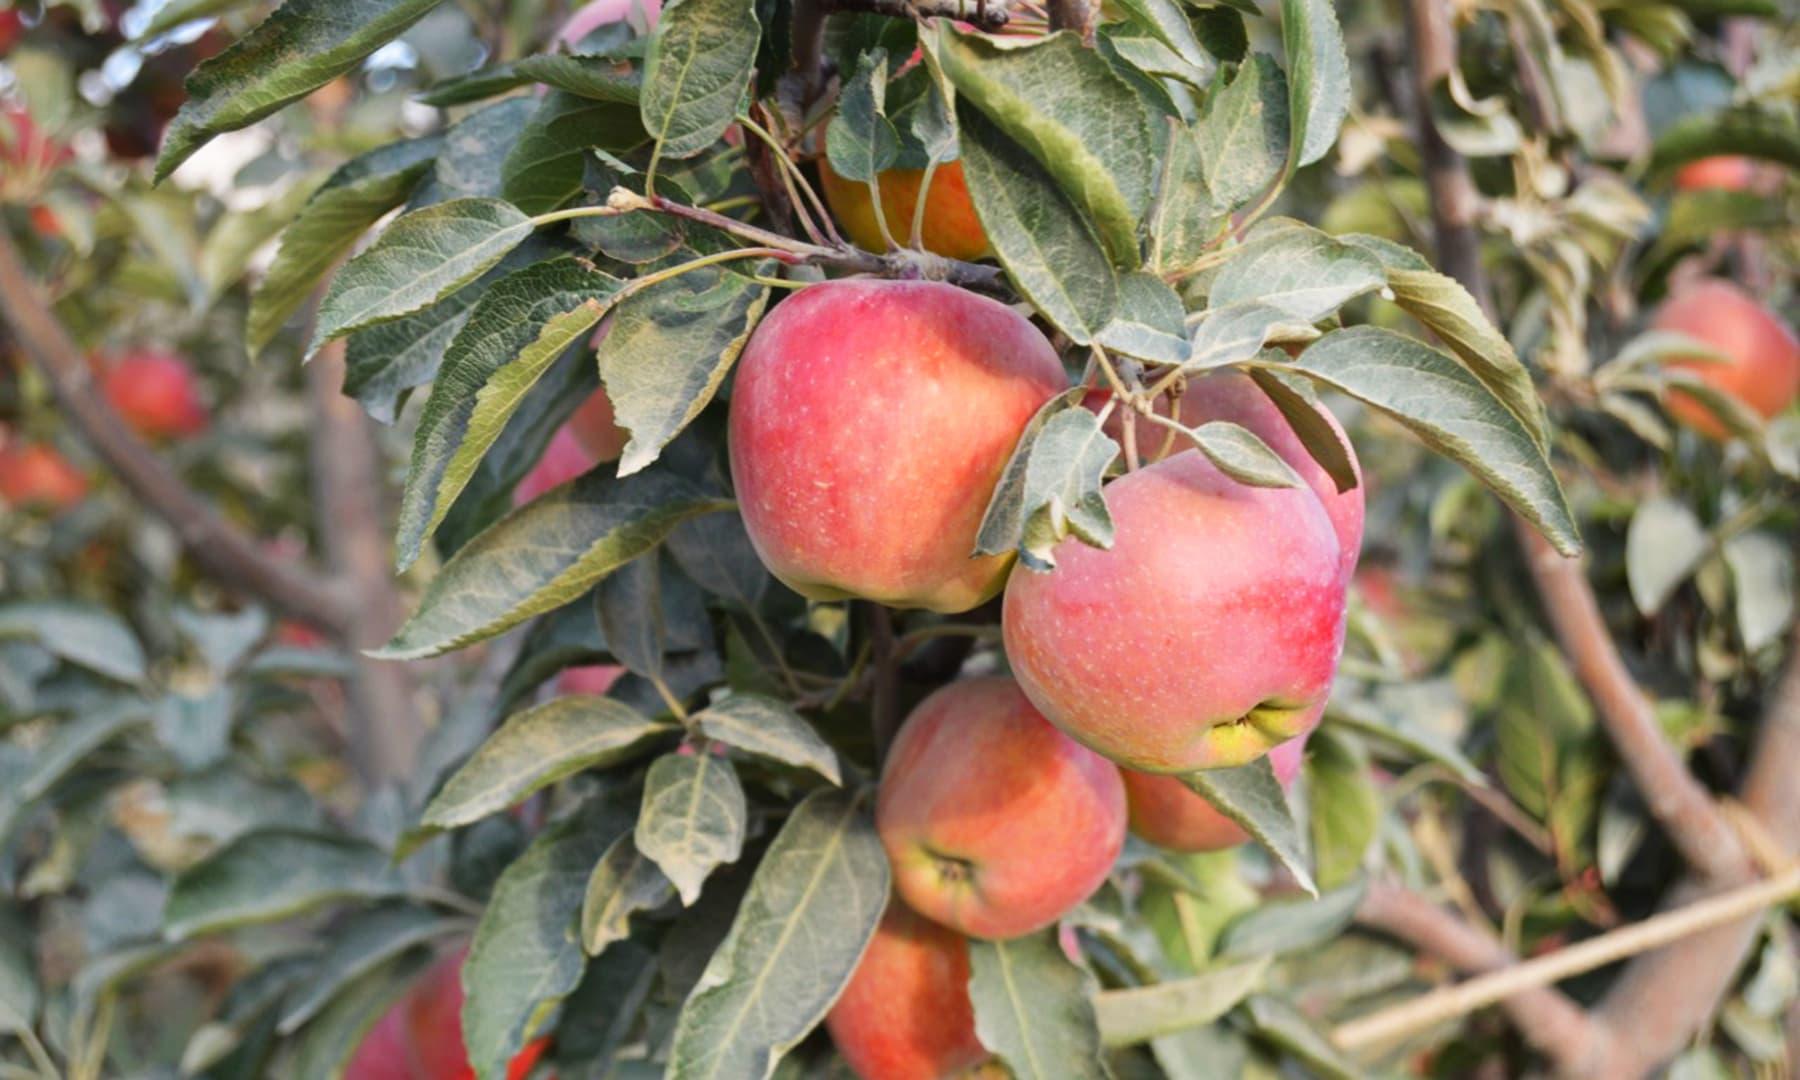 سیب کے باغات —تصویر حفیظ اللہ شیرانی